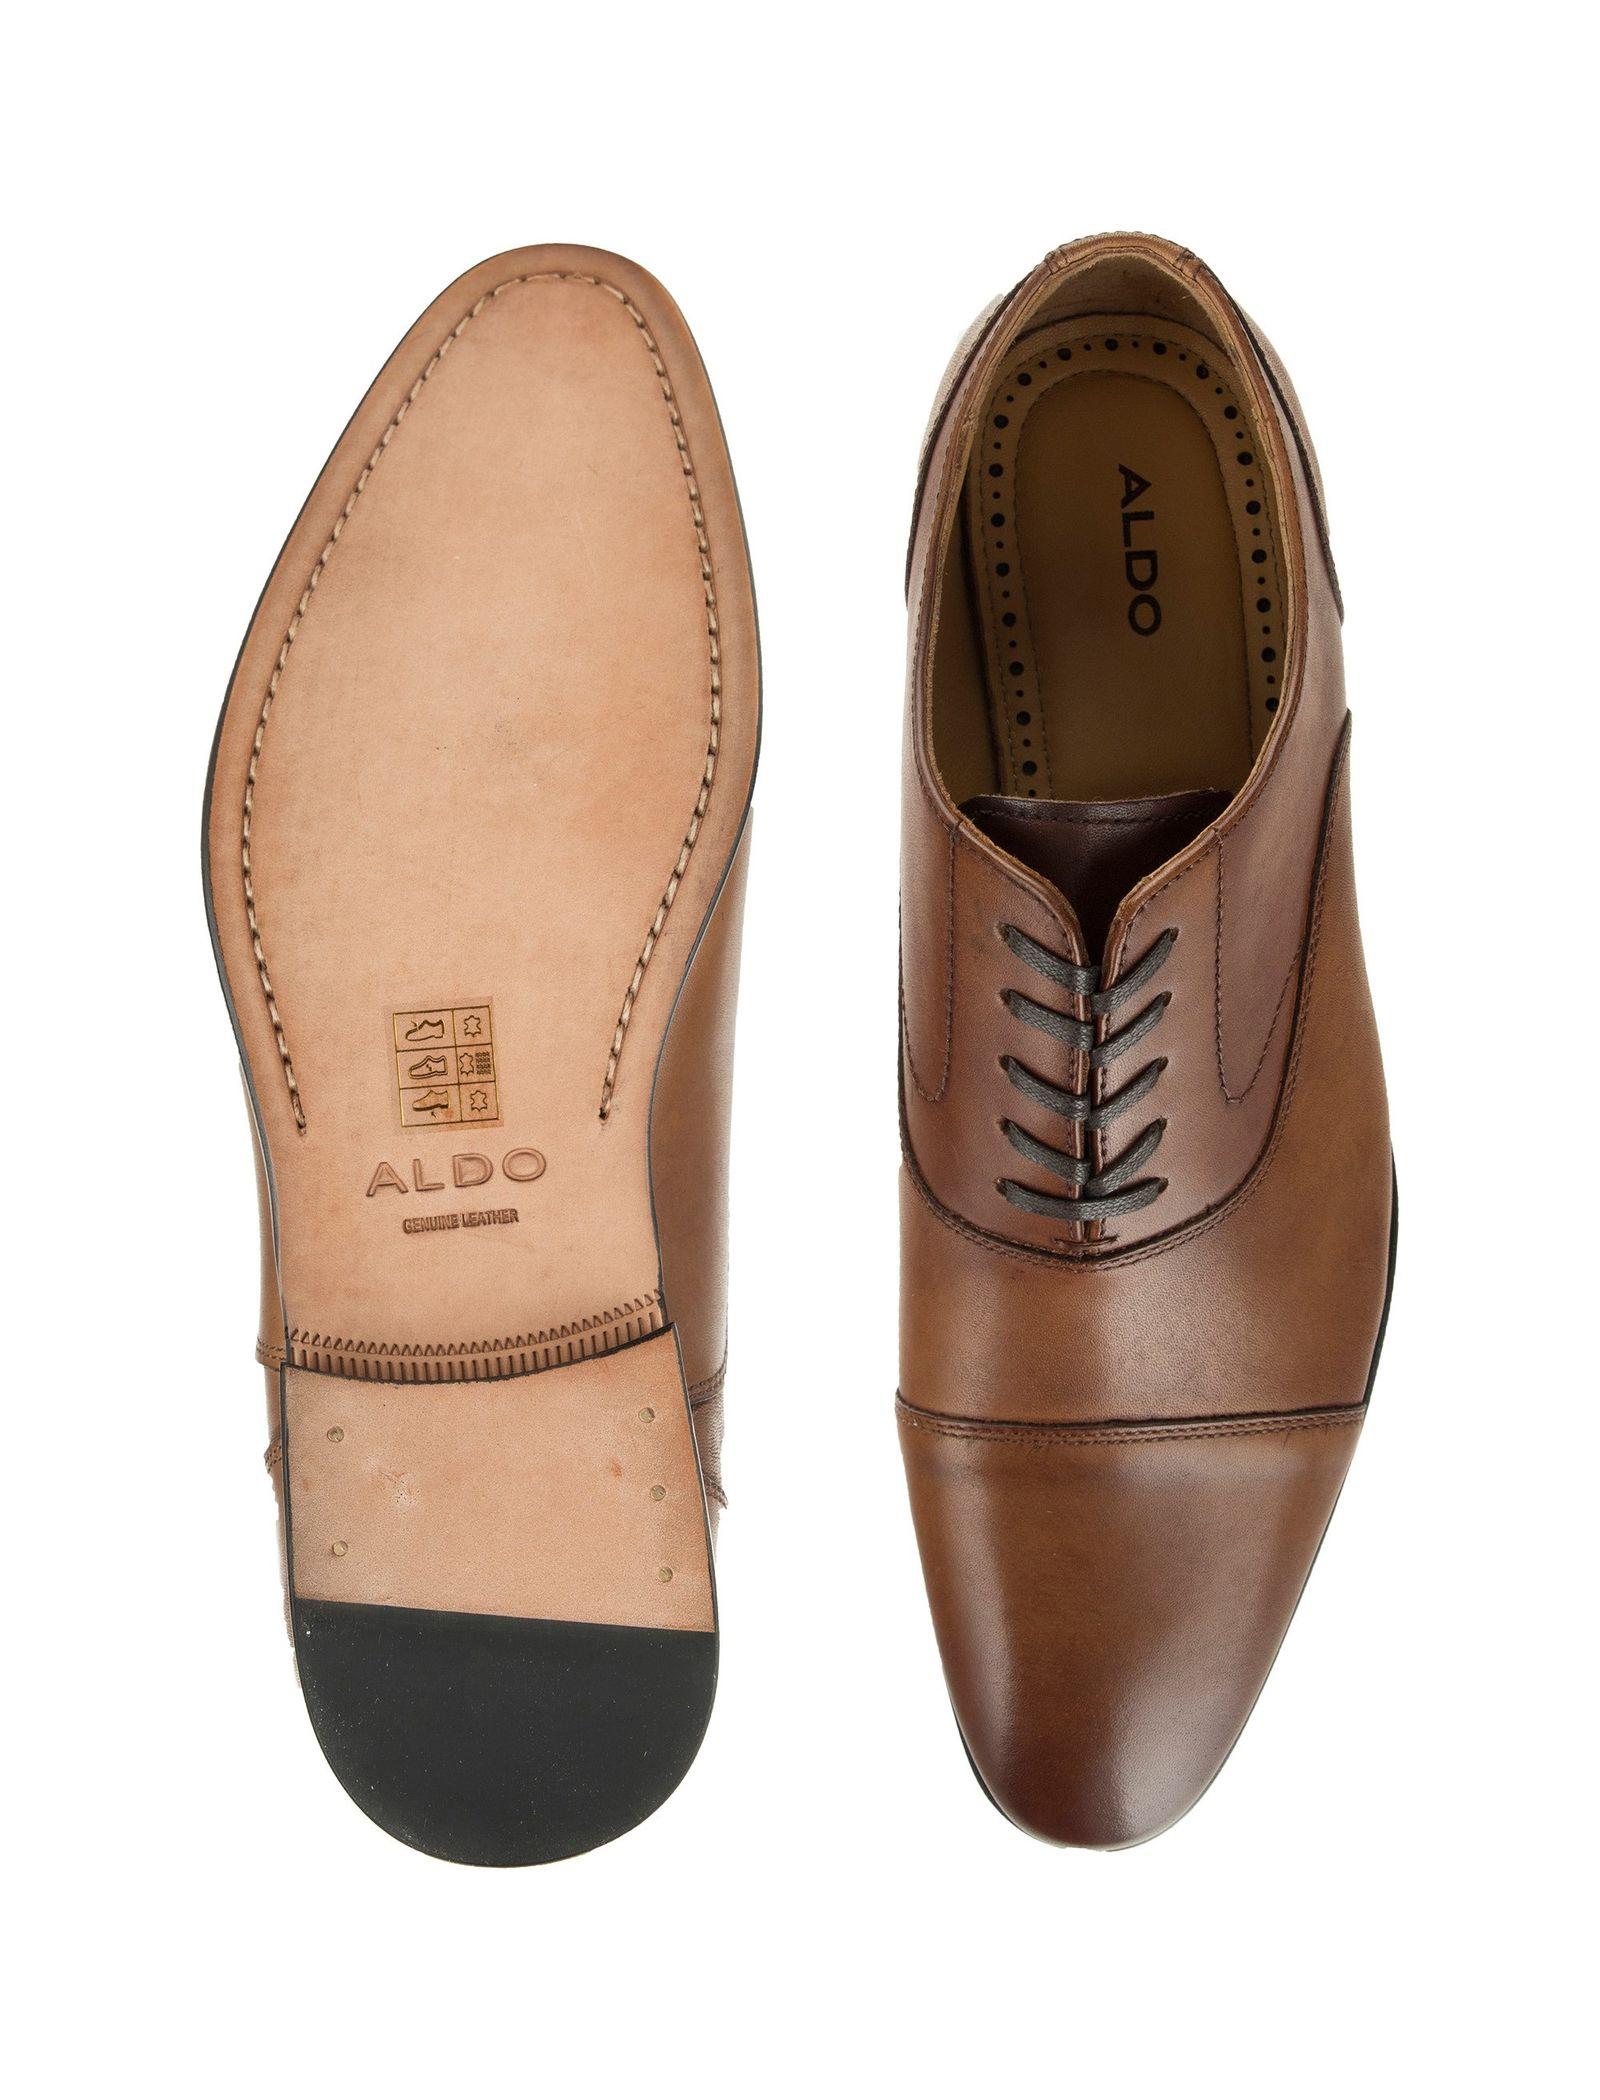 کفش رسمی چرم مردانه - آلدو - قهوه اي روشن - 2